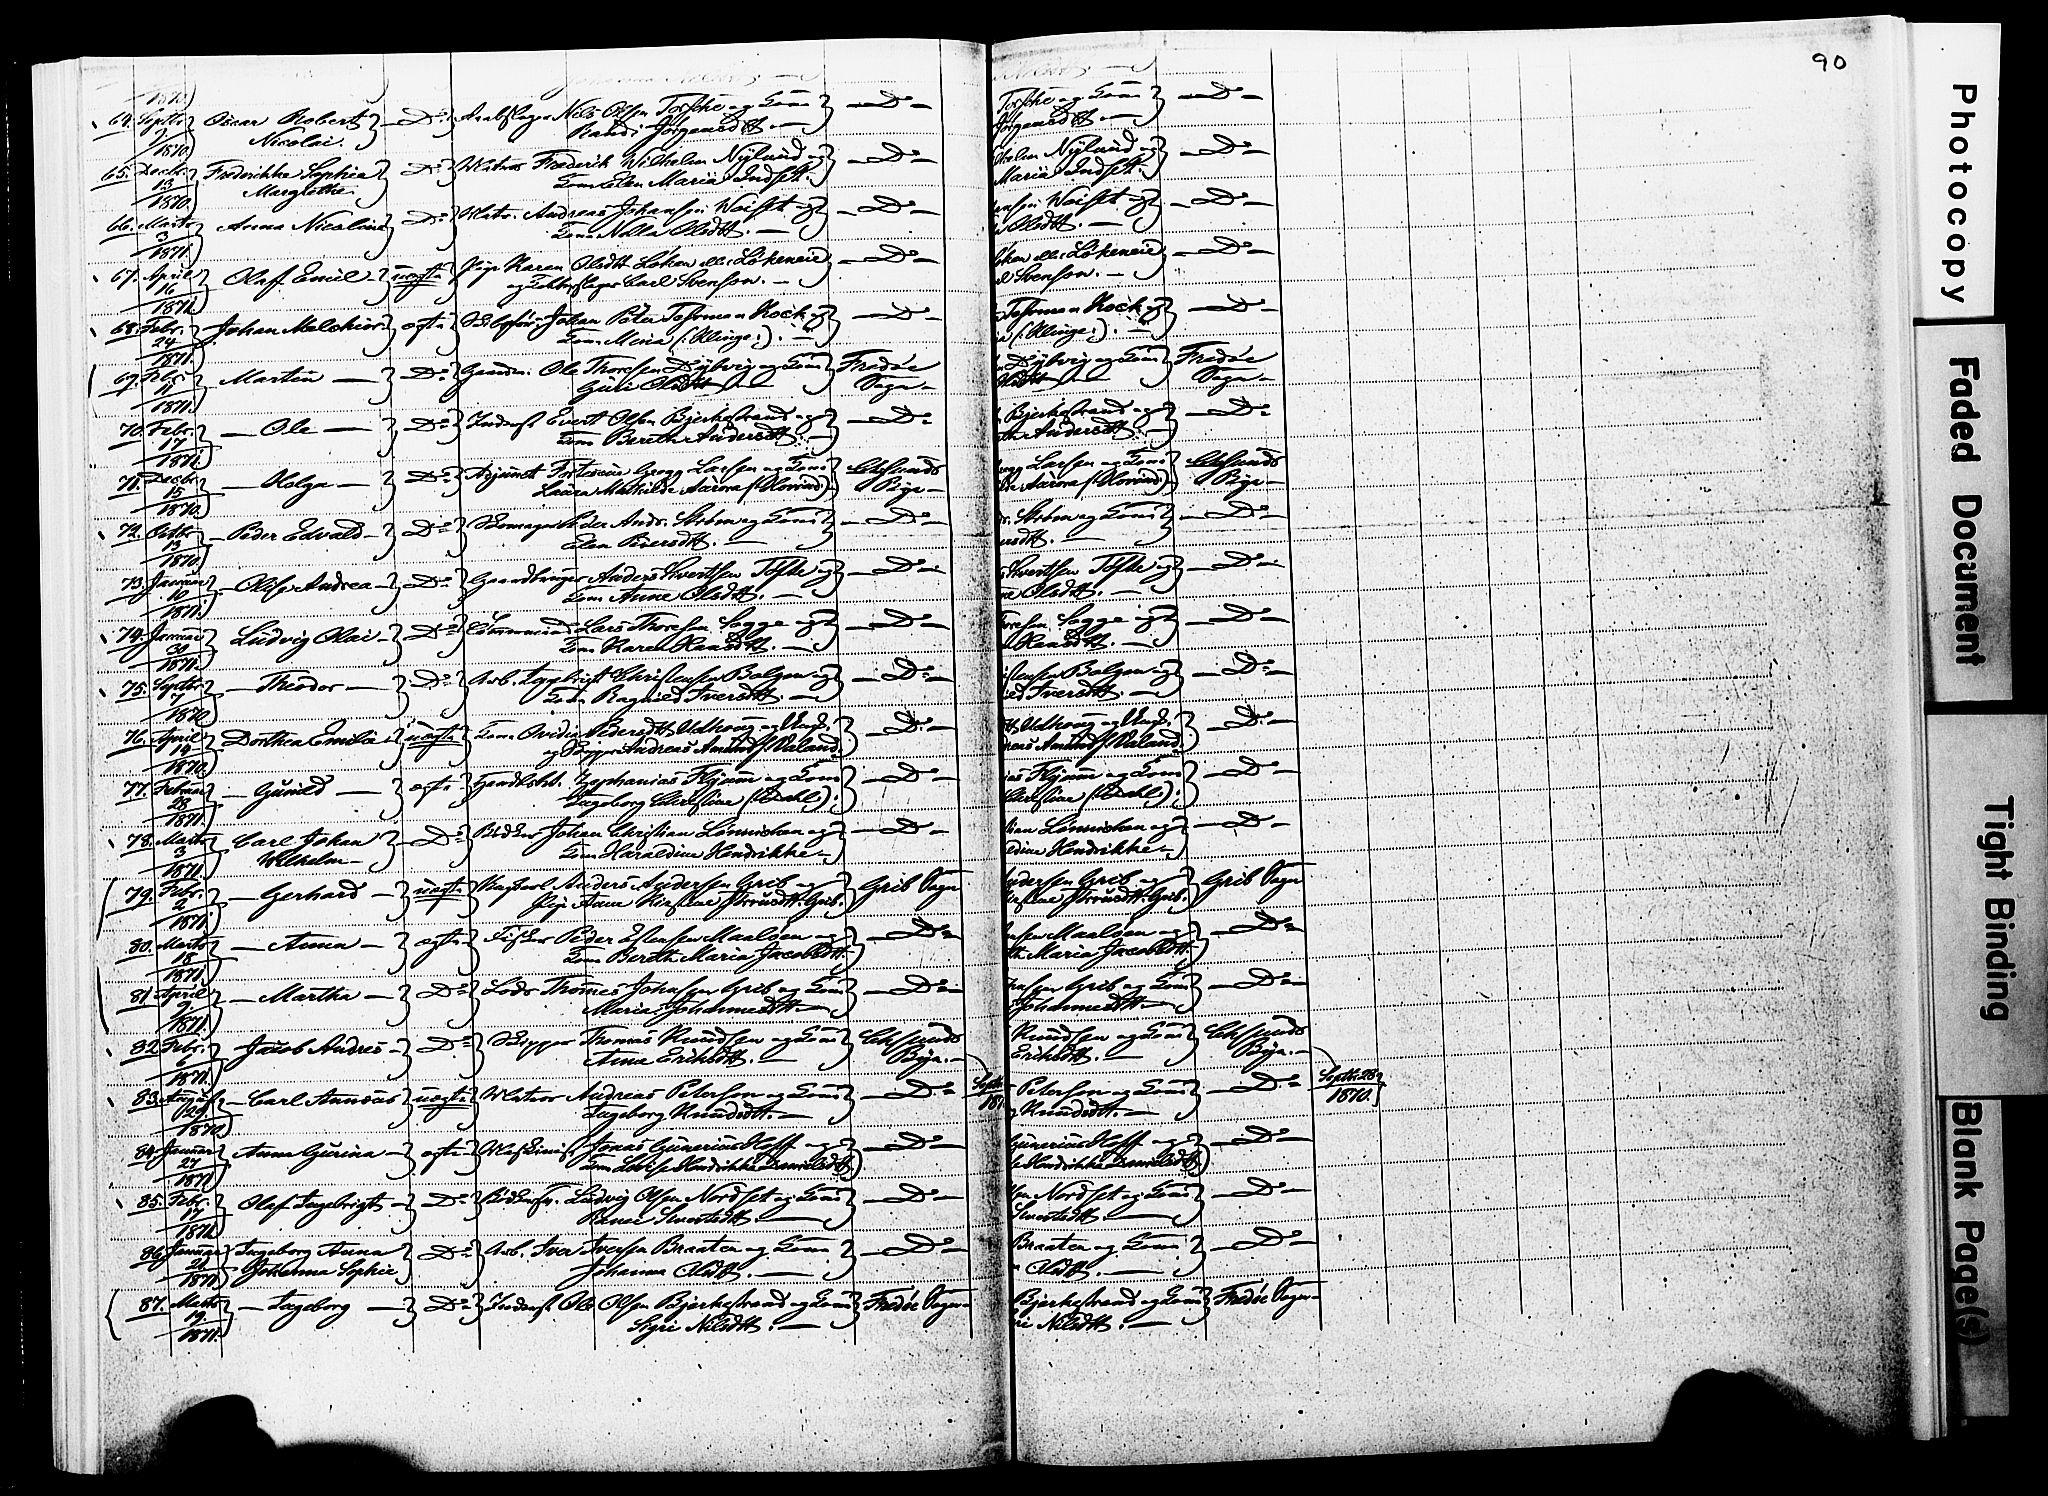 SAT, Ministerialprotokoller, klokkerbøker og fødselsregistre - Møre og Romsdal, 572/L0857: Parish register (official) no. 572D01, 1866-1872, p. 89-90